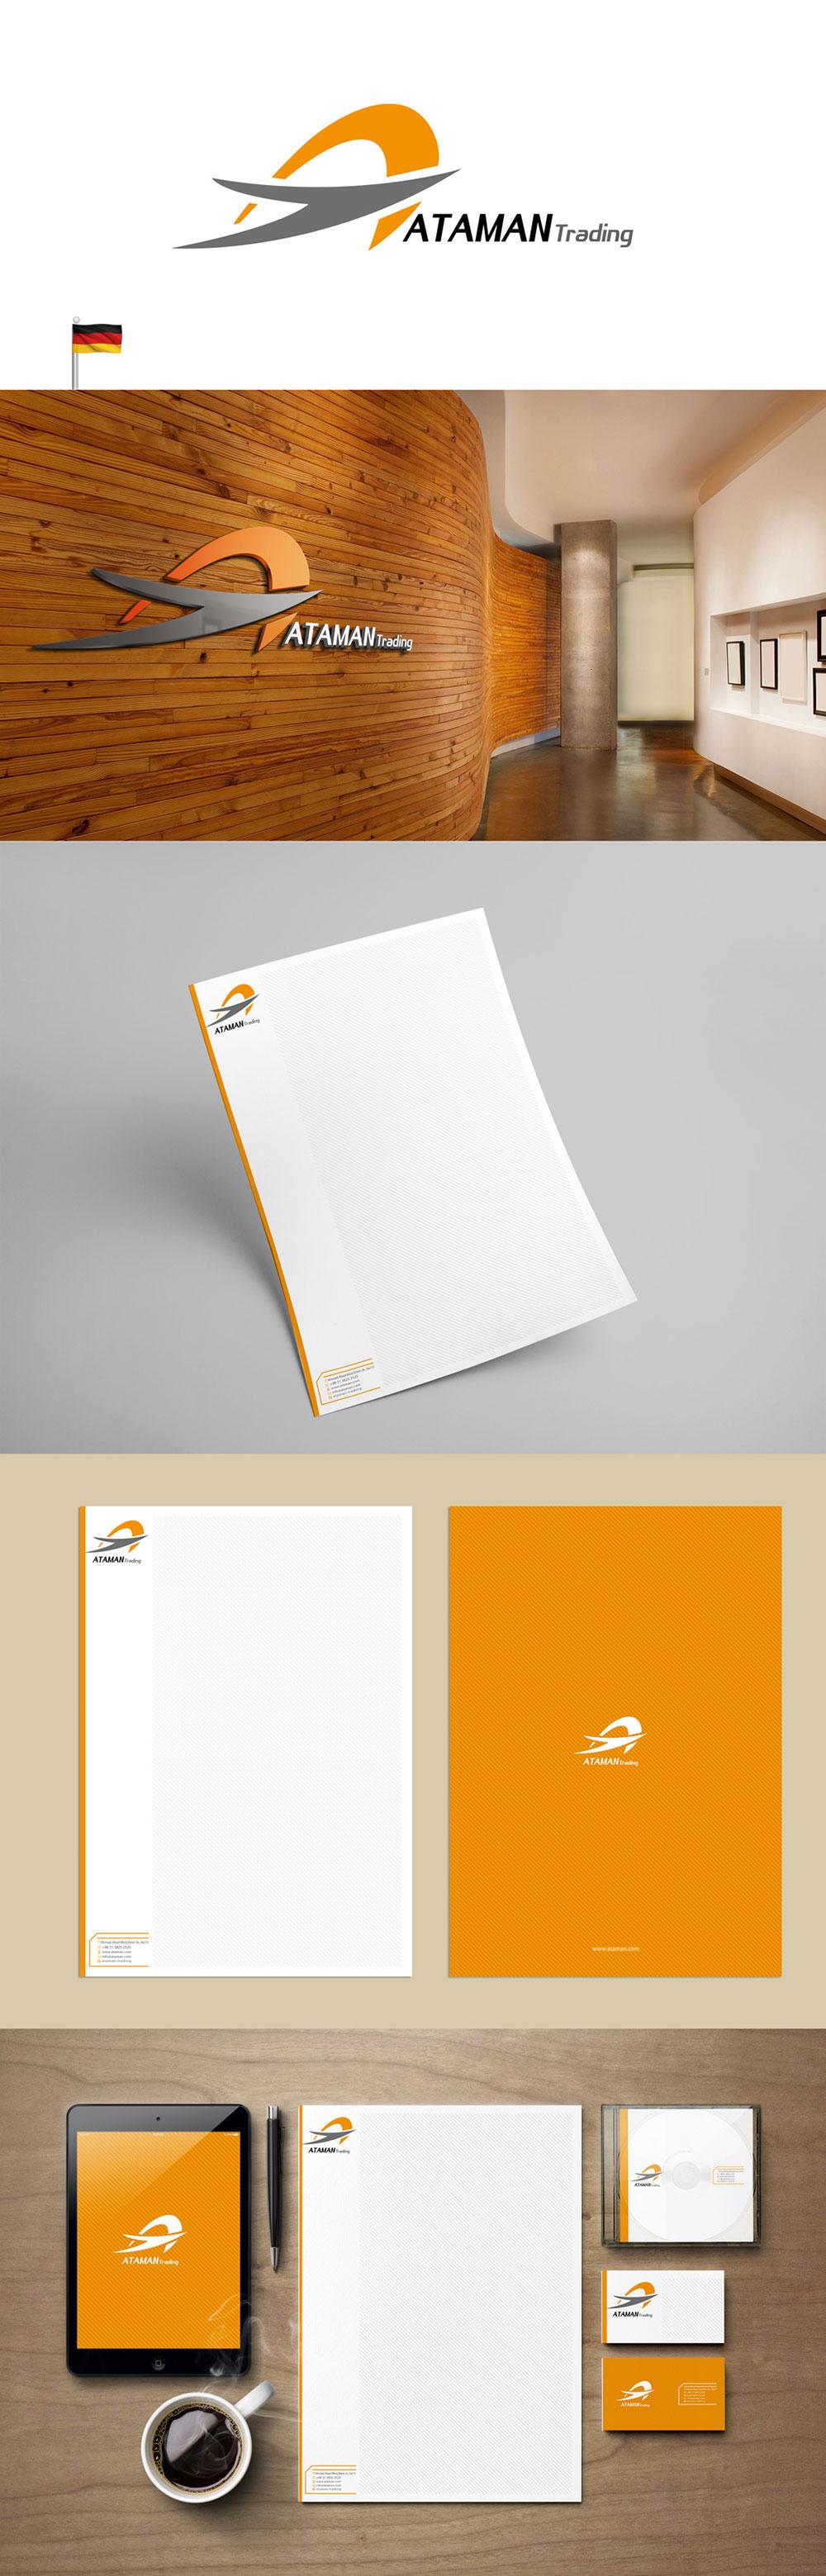 طراحی نشان تجاری و ست اداری شرکت آلمانی Ataman